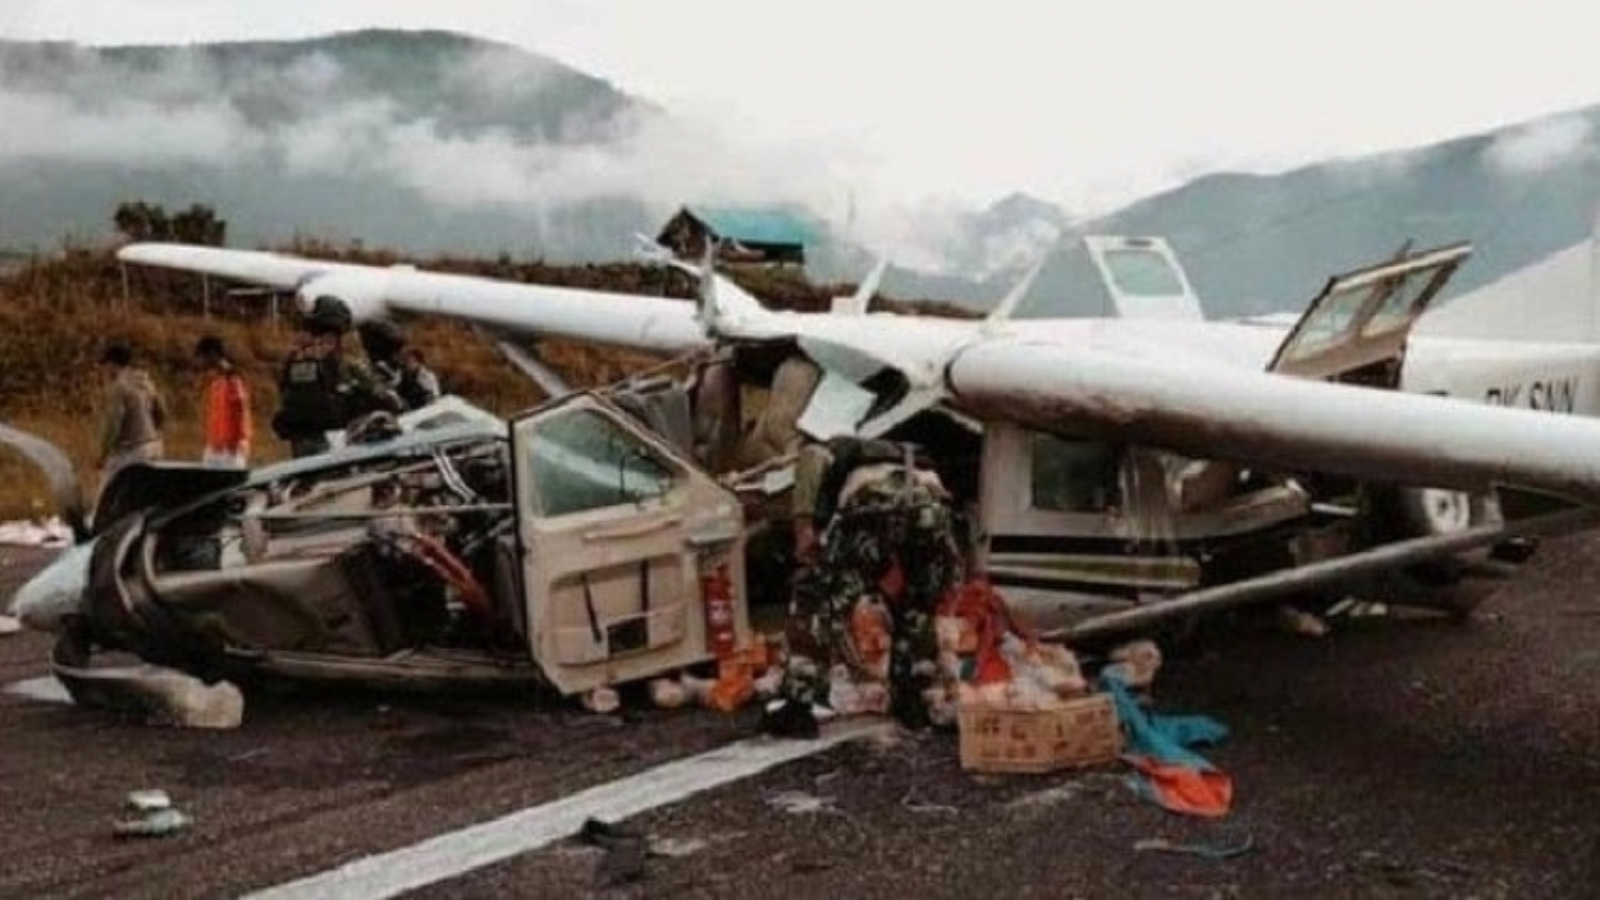 Rơi máy bay chở hàng tại Indonesia,phi công thiệt mạng